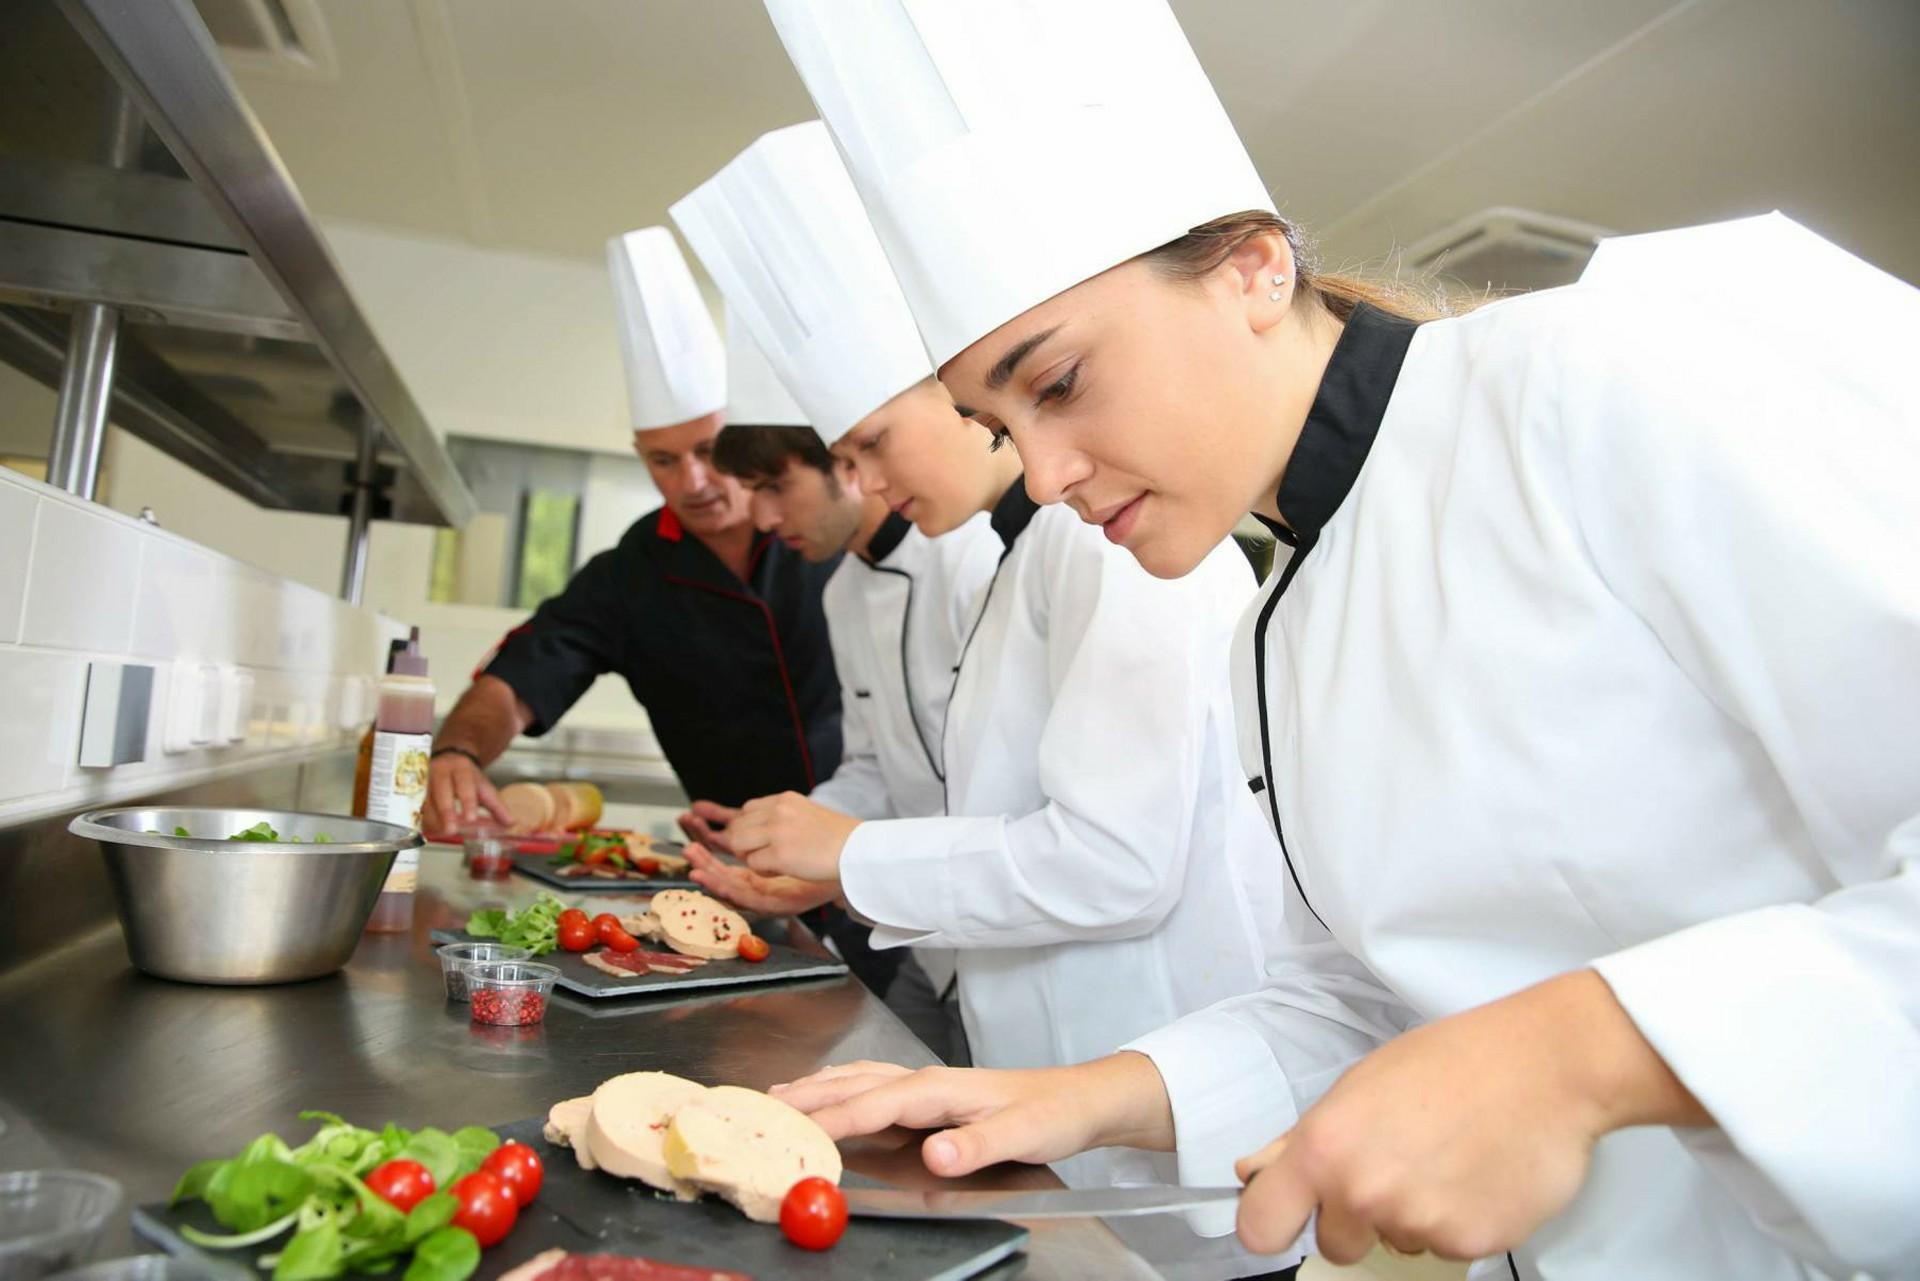 """<p><span style=""""color: #fff;"""">Cuisine</span></p><h4 style=""""color: #fff;""""> Technicien en cuisine</h4><p></p>"""